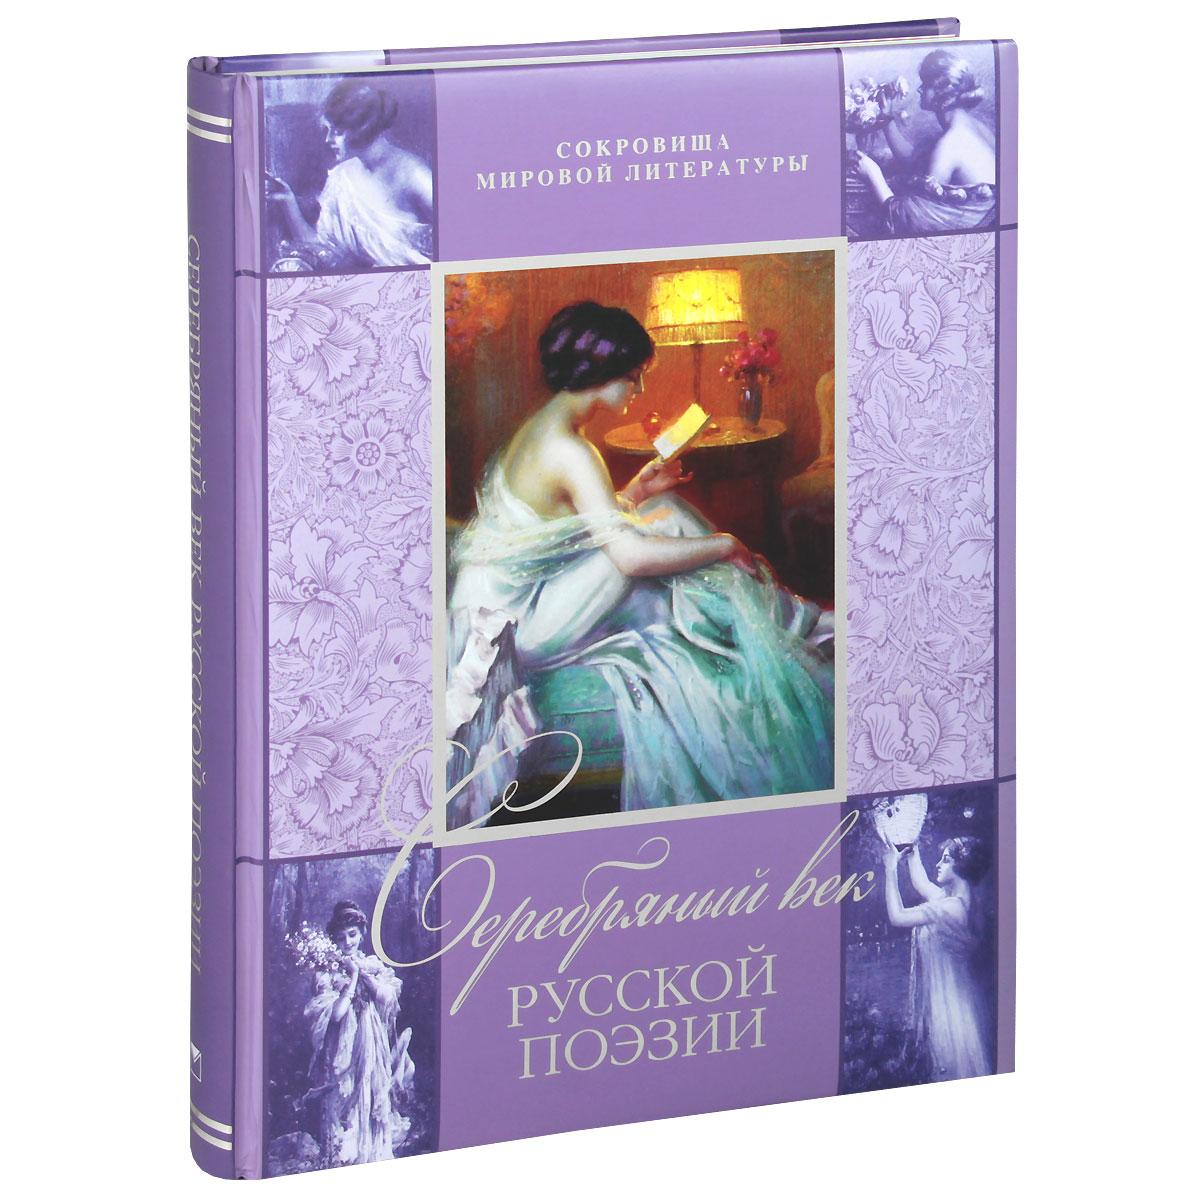 Серебряный век русской поэзии (подарочное издание)